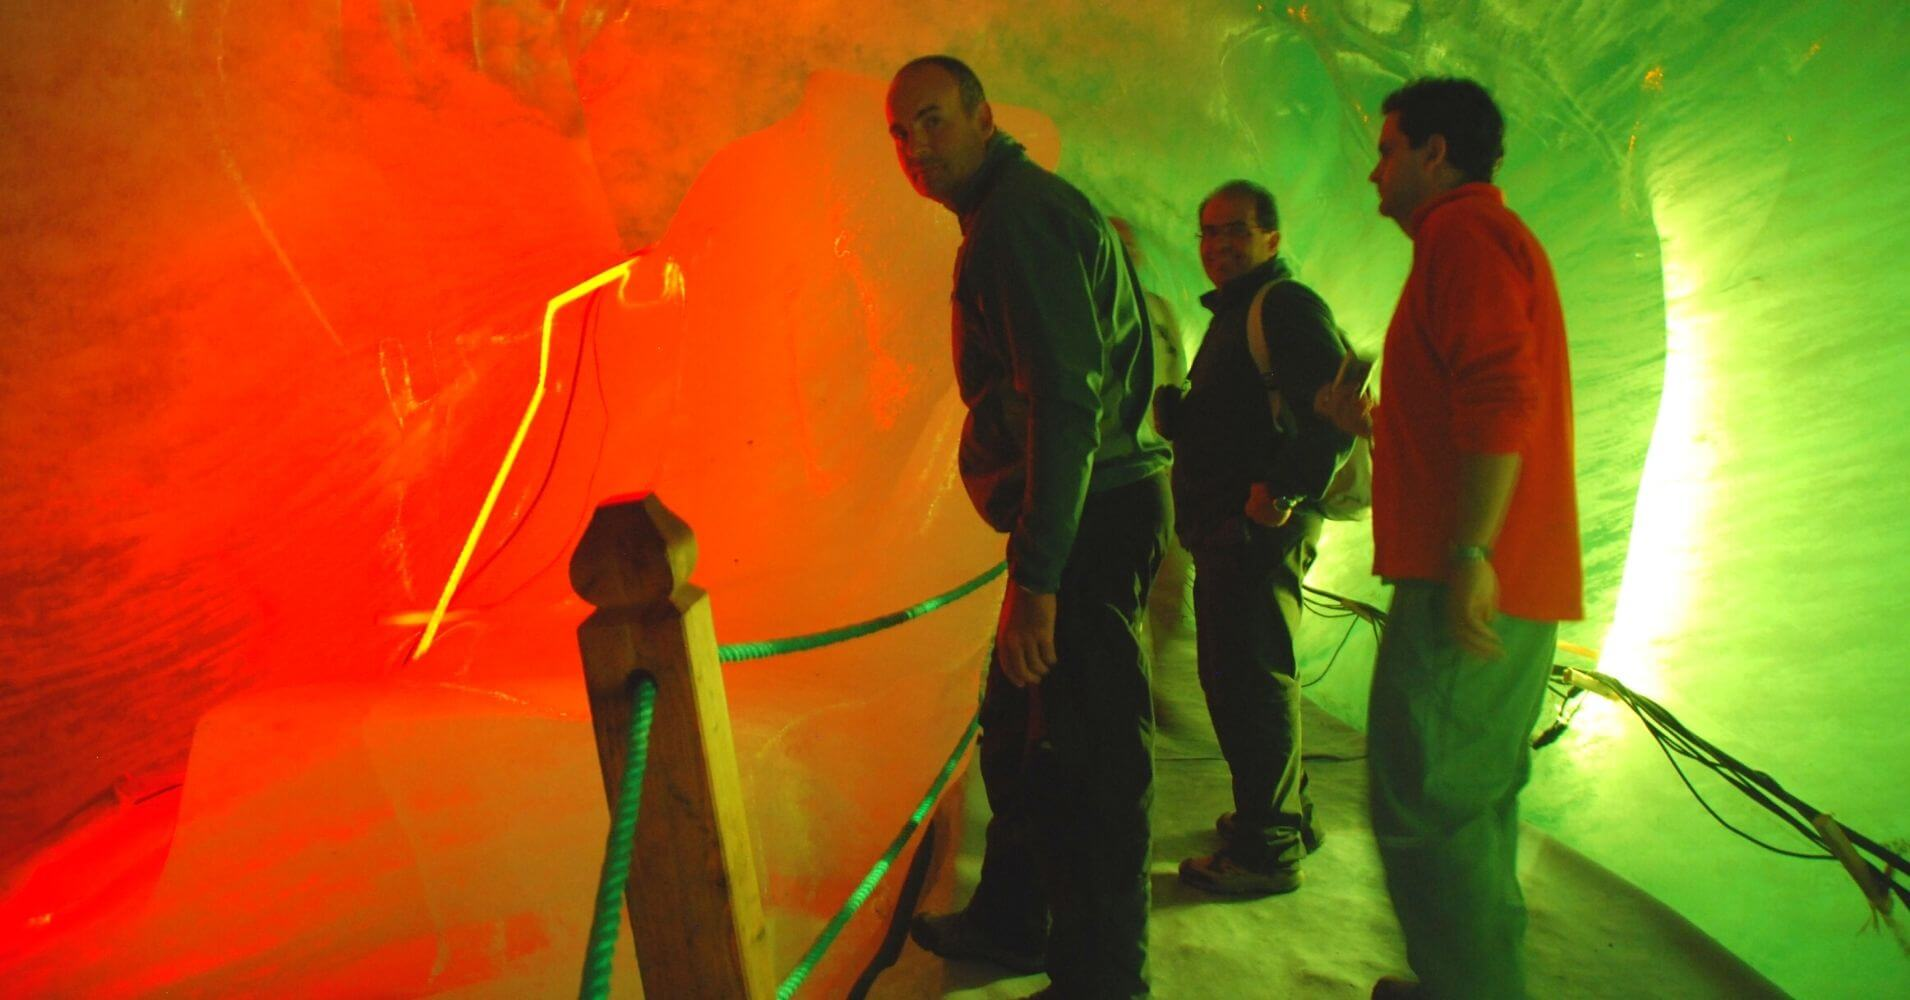 Cueva de Hielo del Mar de Glace. Chamonix, Alta Saboya. Auvernia-Ródano-Alpes. Francia.